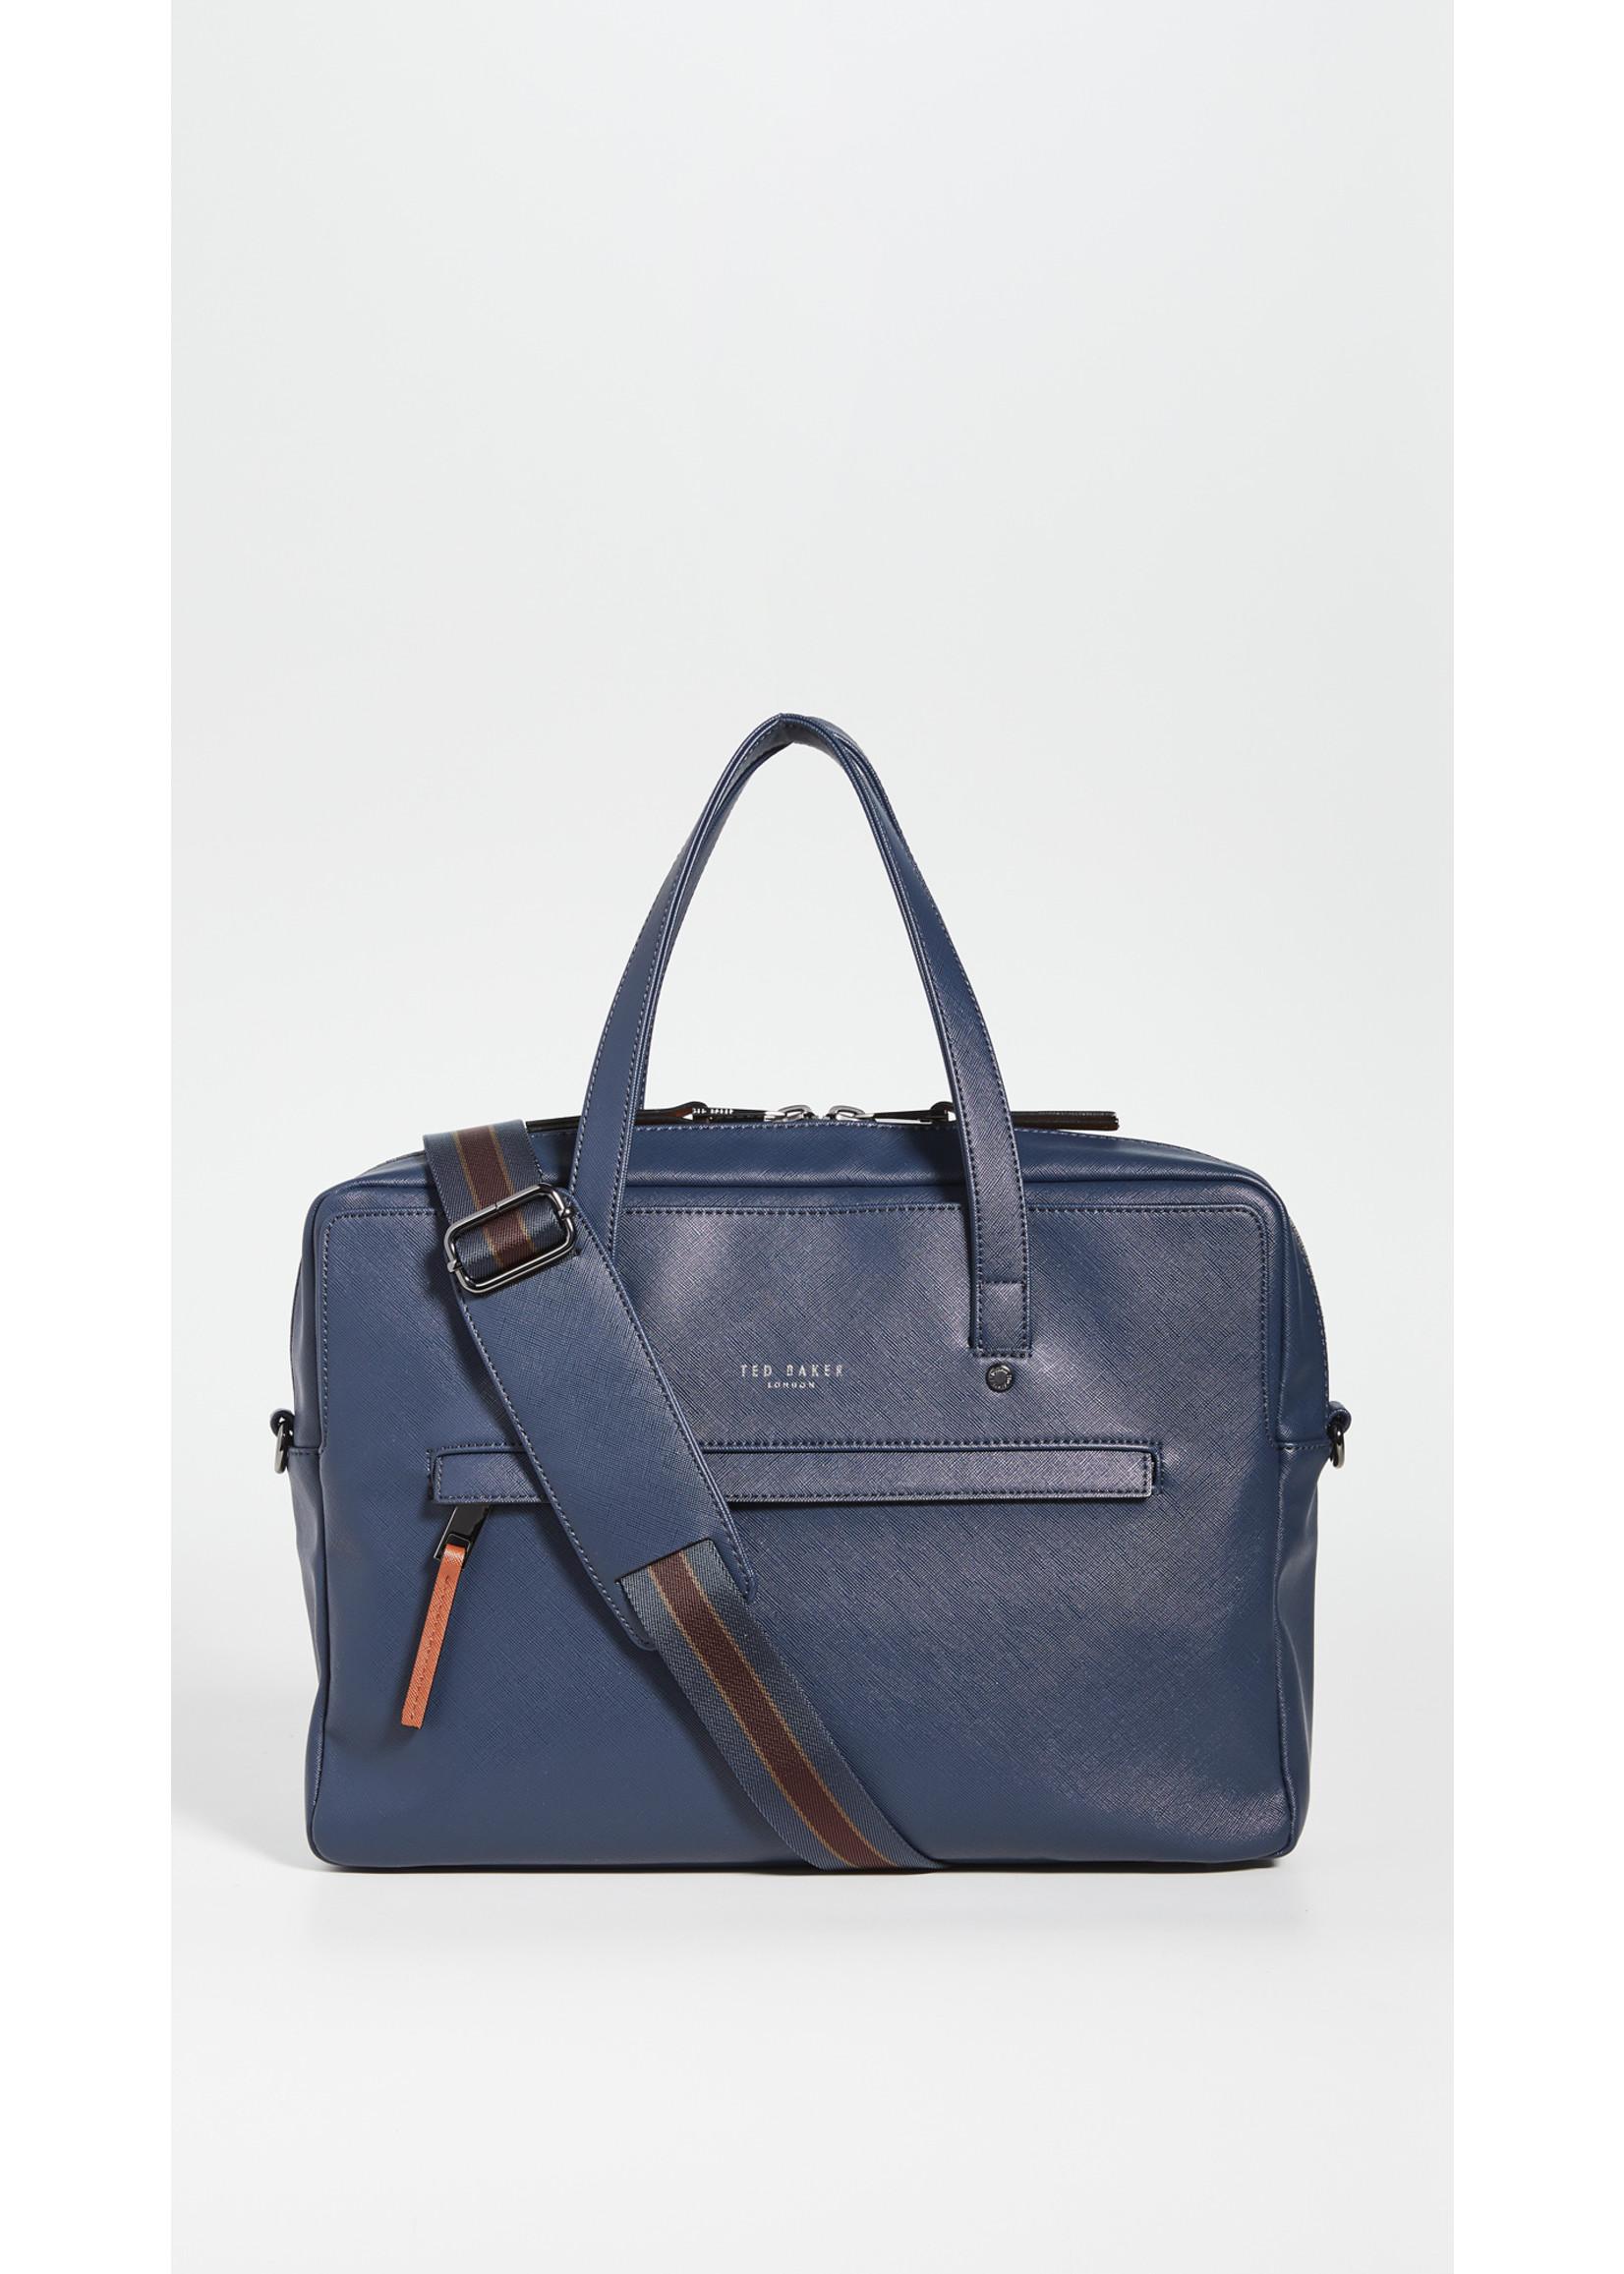 Ted Baker London Ted Baker Bag